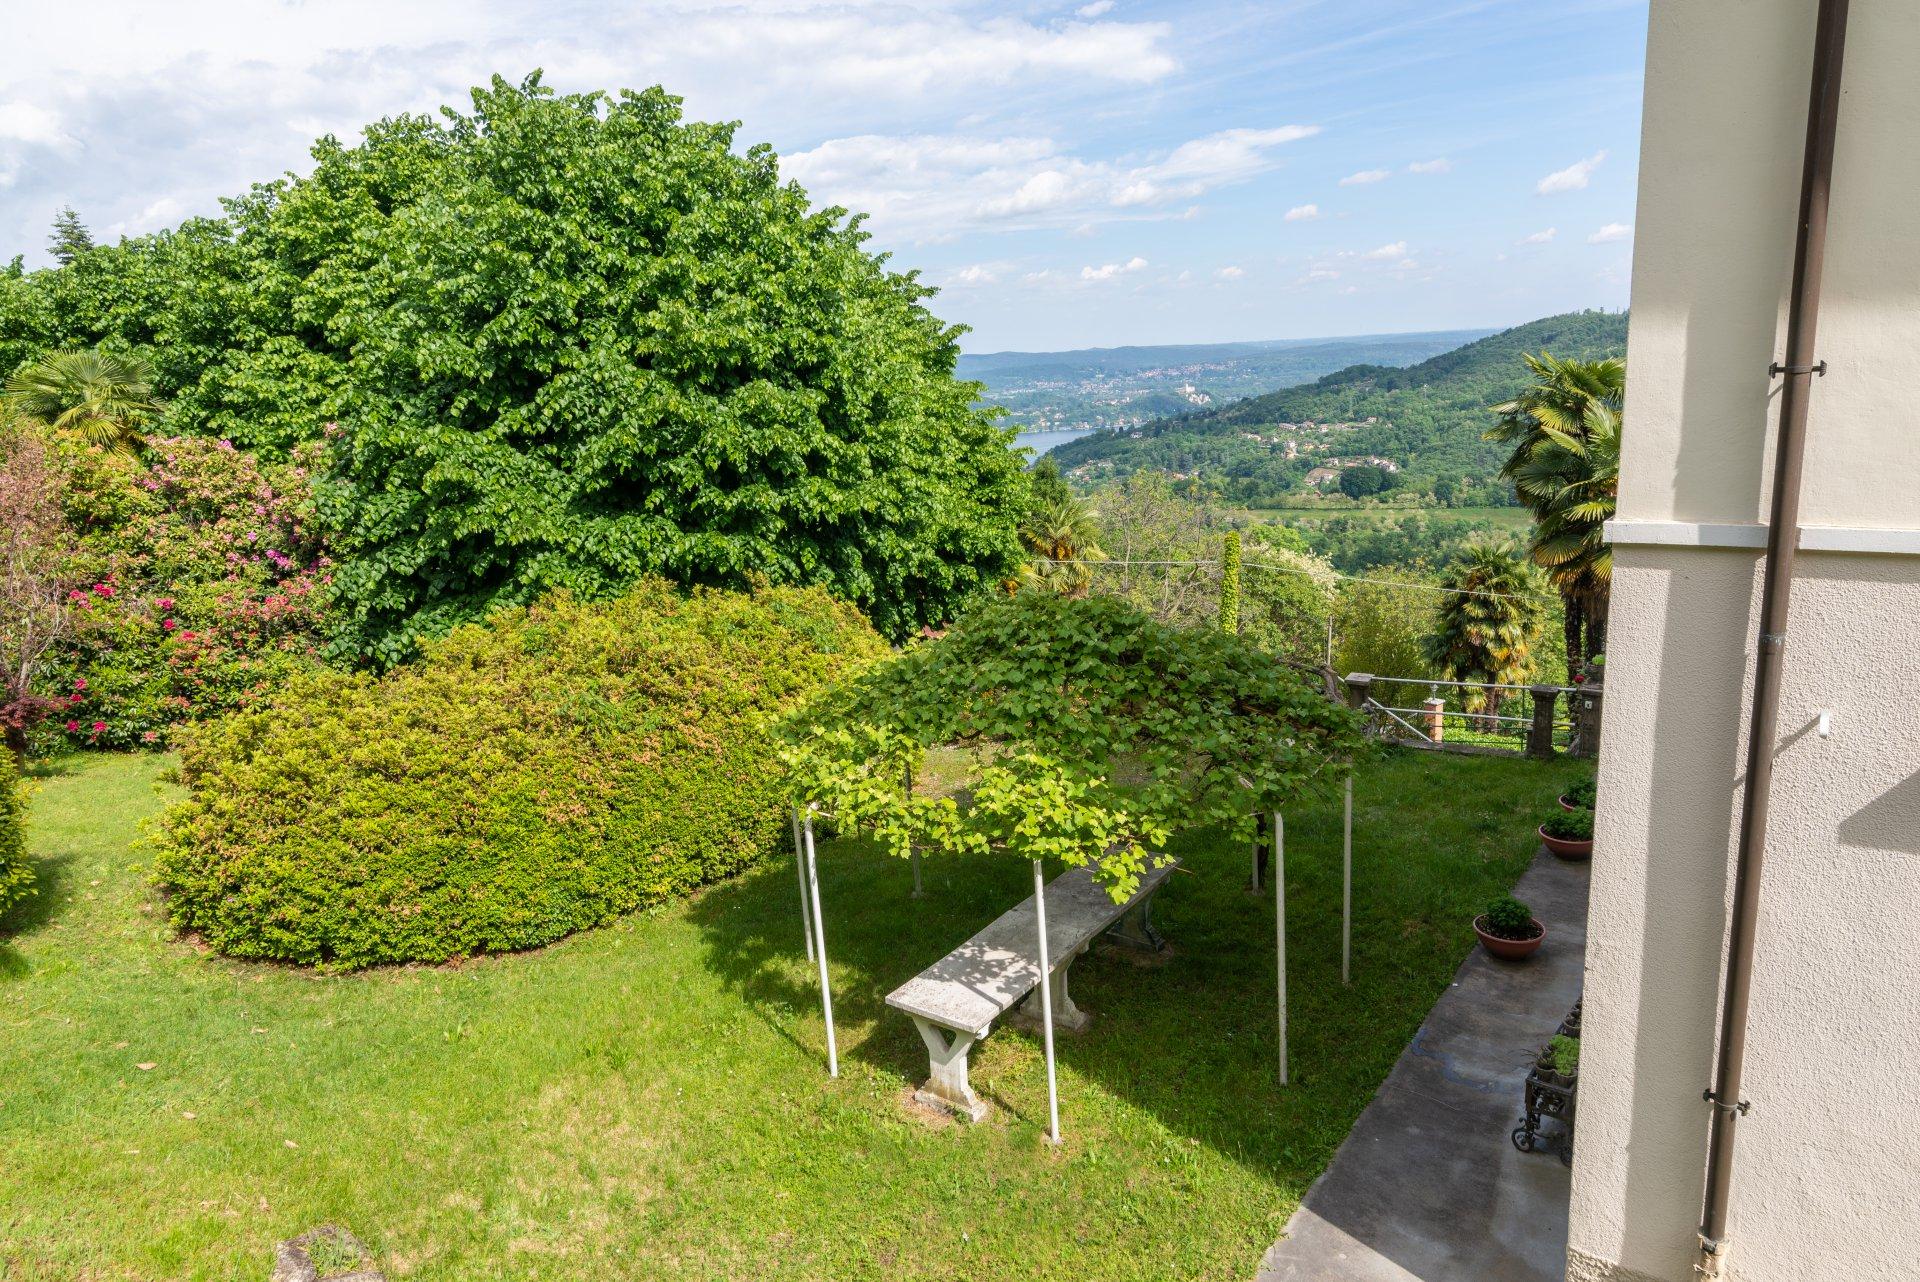 Proprietà storica in vendita al Lago Maggiore- ampio giardino